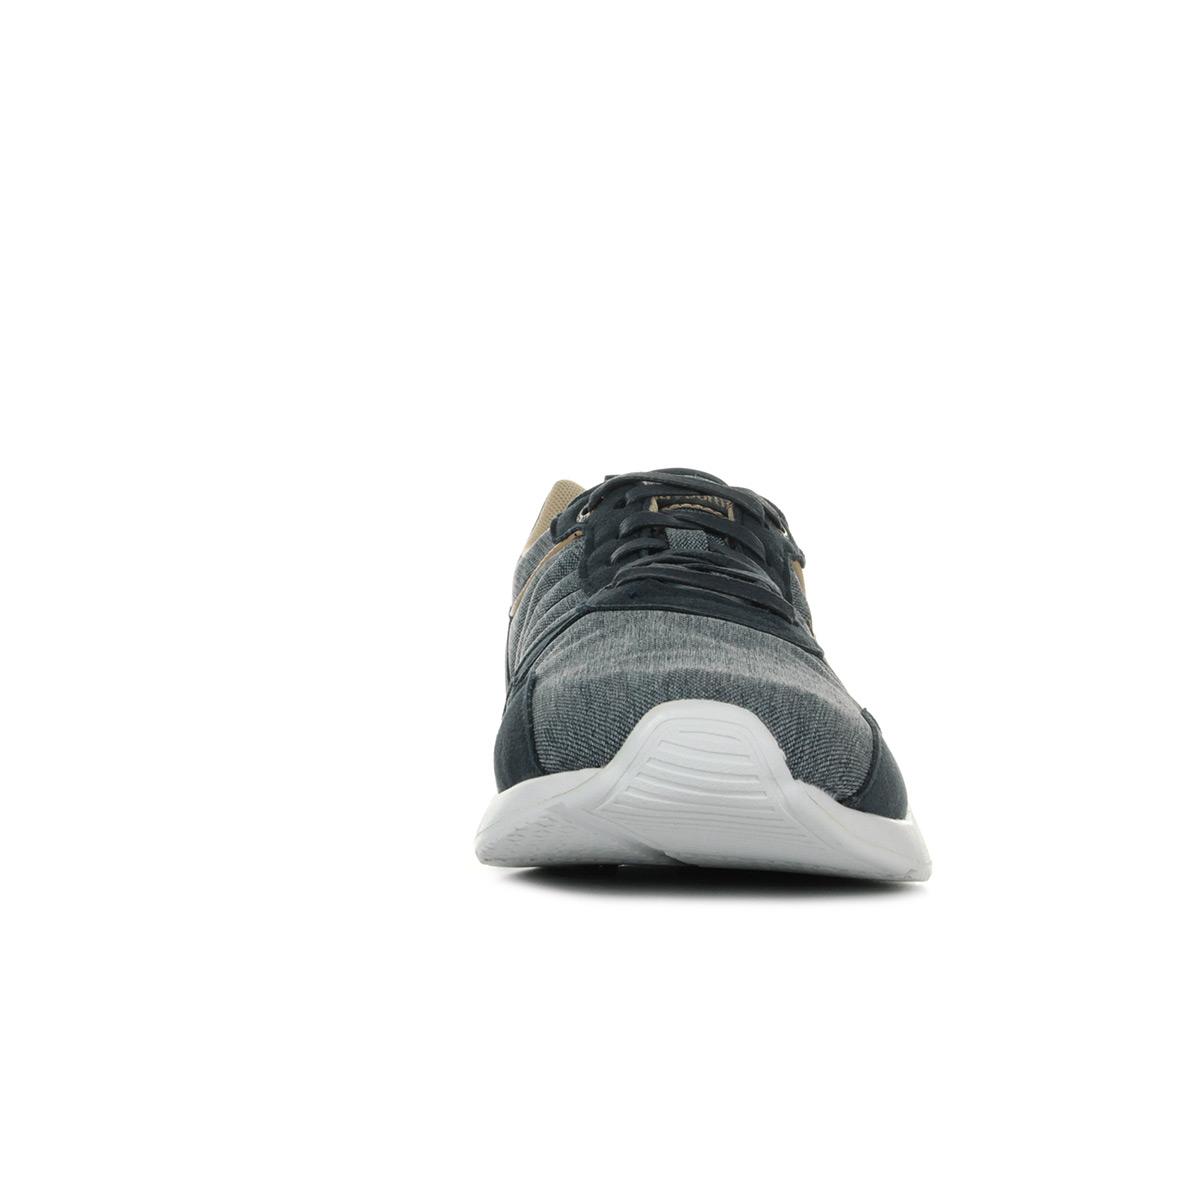 Le Coq Sportif Lcs R600 2 Tones 1810243, Baskets mode homme